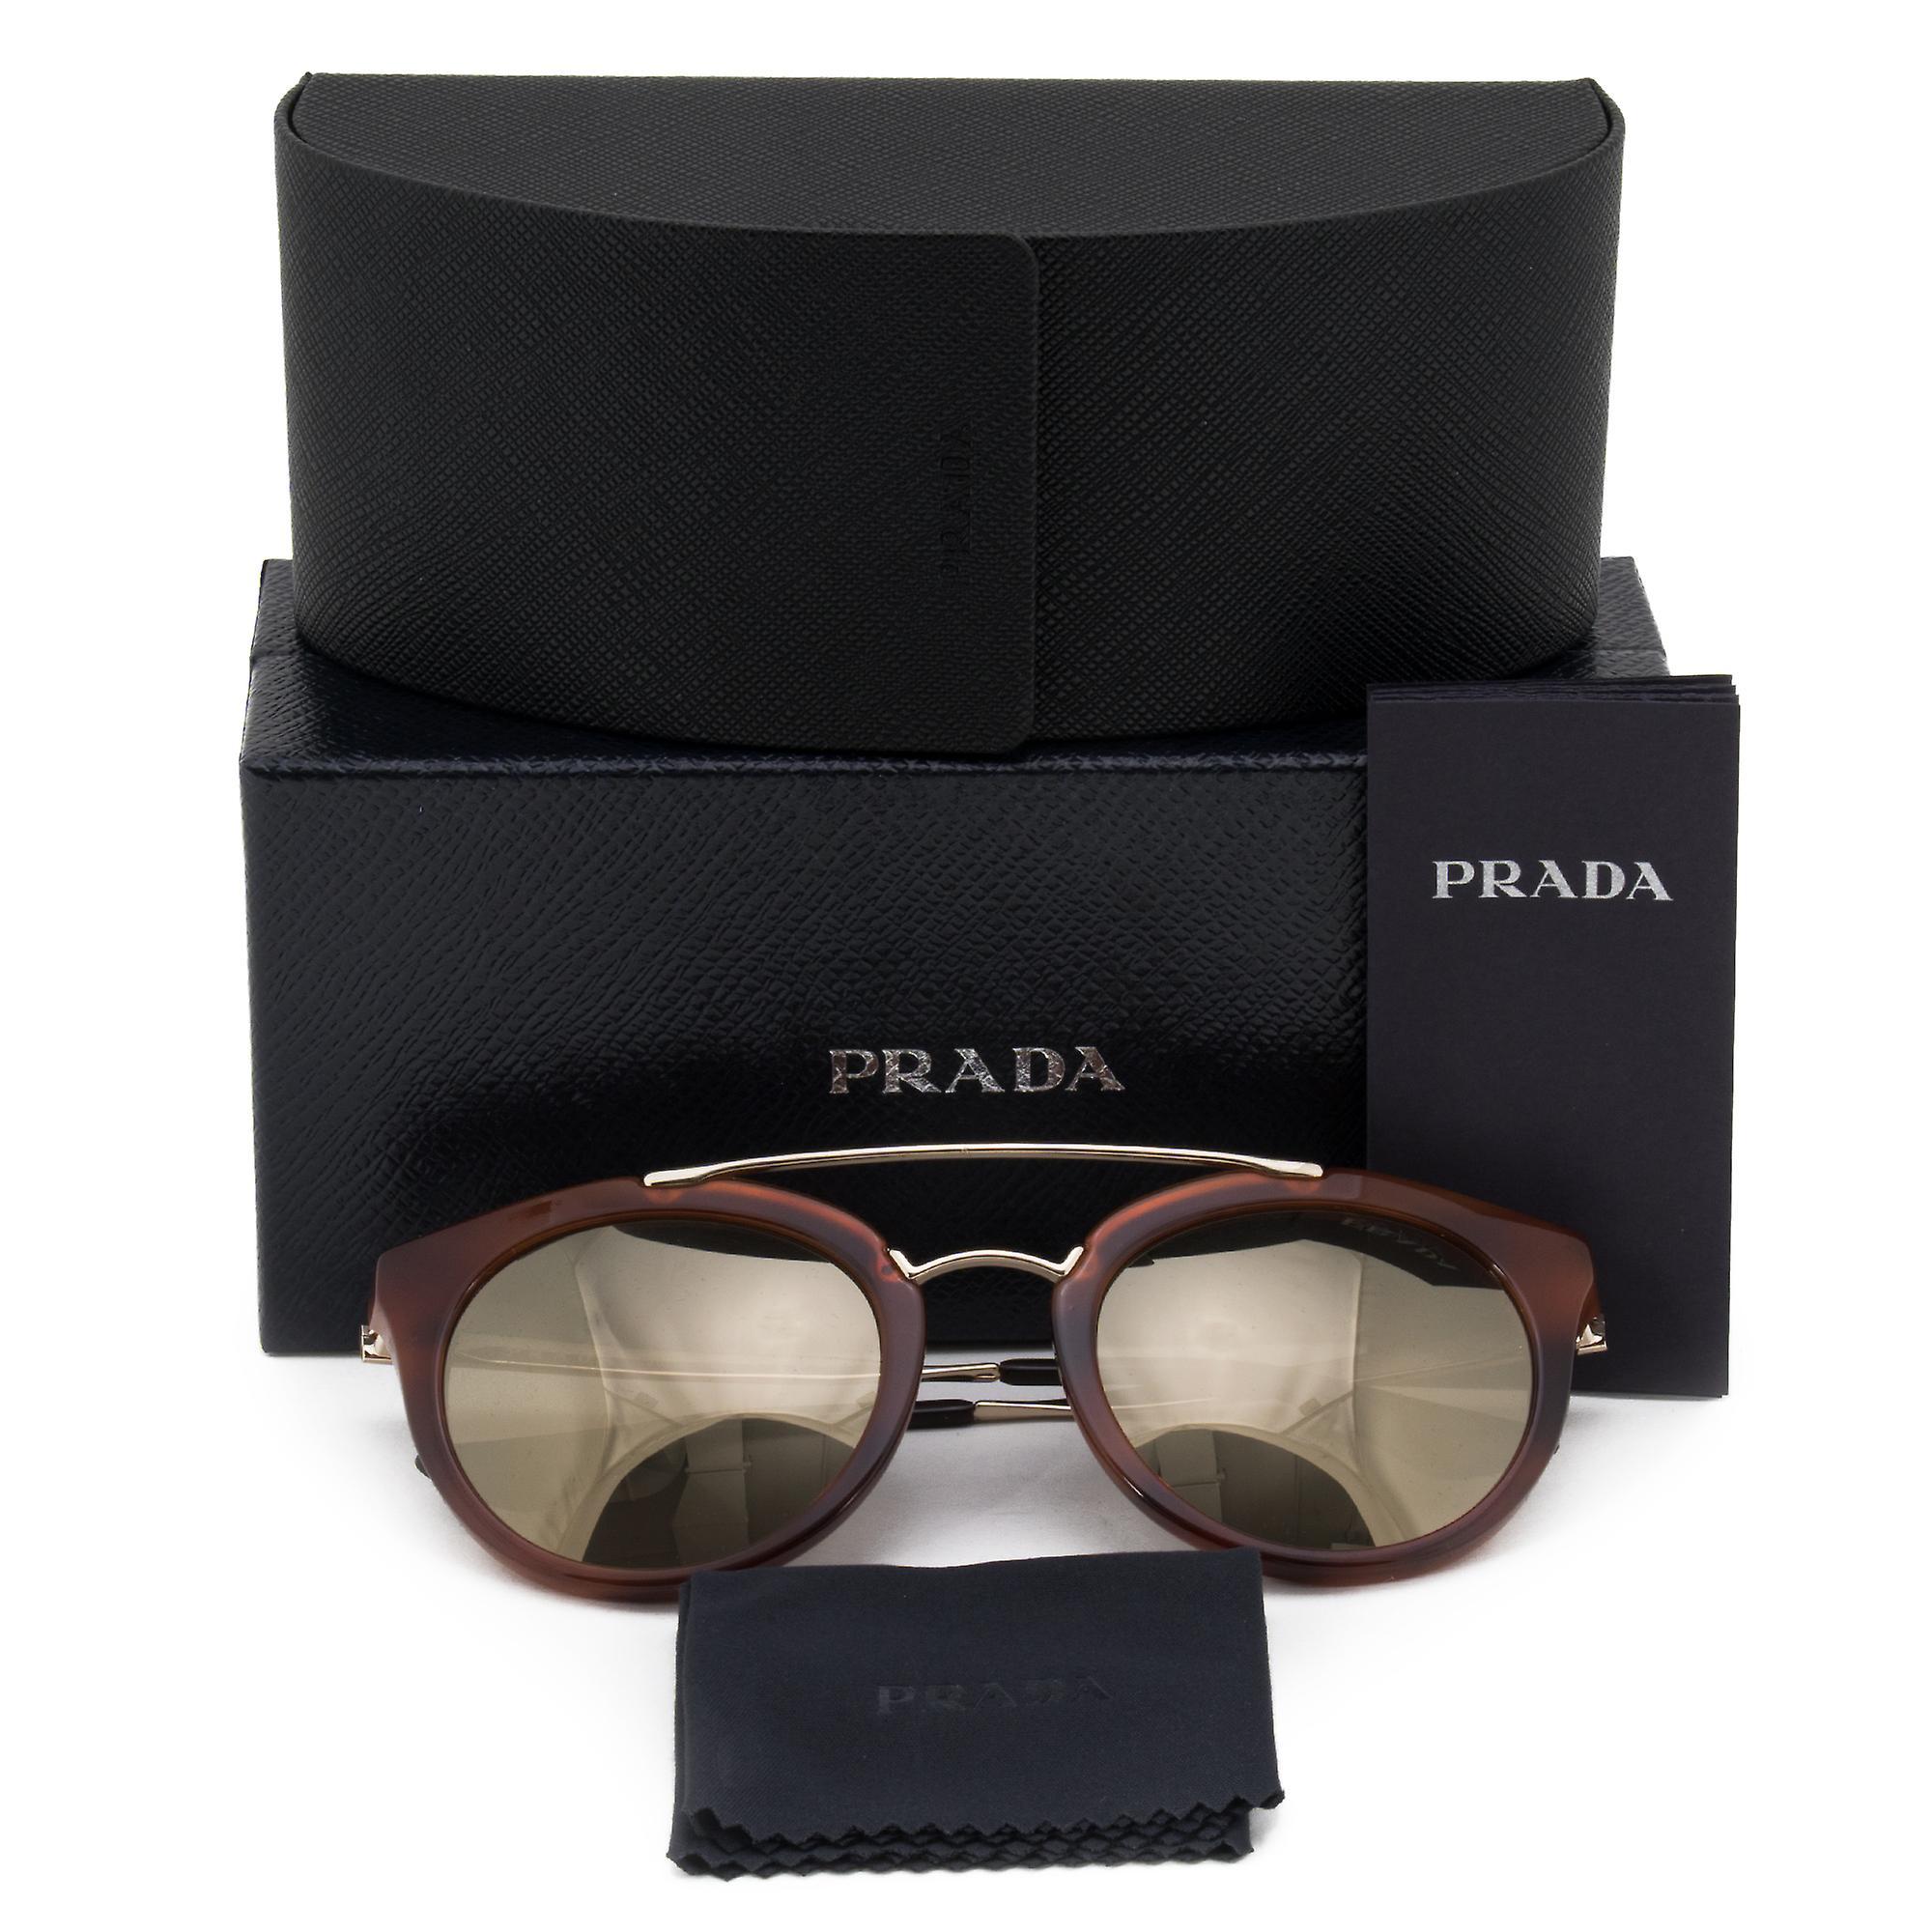 Prada Cinema Panthos Sunglasses PR23SS USE1C0 52